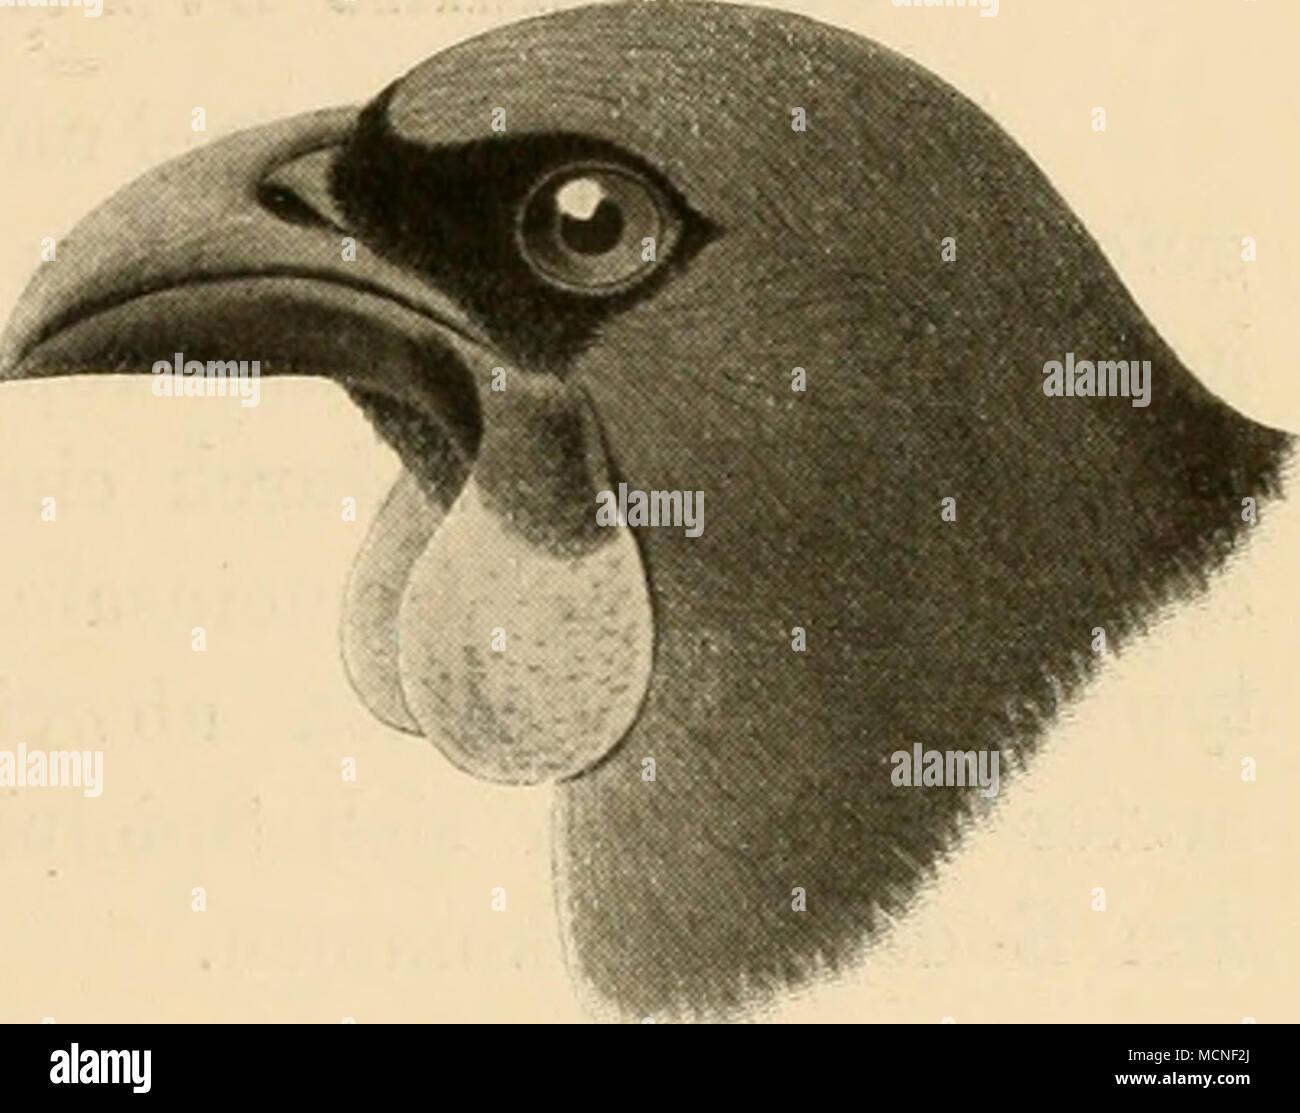 . Fig. 165. ist aber auch noch eine anf Madagaskar vorkonnuende Vogelform, Fal- culia, anzugliedern, die mit Ausnahme des fehlenden »Schnabellappens ganz mit den neuseeländischen Formen übereinstimmt. Man hat die Gattungen Heteralocha^ Creadion und Falcidia auch zu den Staren gestellt; (locli spricht dagegen die Flügelform, insbesondere die Länge der ersten Schwinge. Glaucopis Gm., Lappenkrähe. Kurzer kräftiger, gebogener Schnabel mit abgerundeter Firste, dem von Dendrocitta ähnlich, Dille in ziemlich gerader Linie mit den Unterkieferästen ver- laufend, Hautlappen am Schnabelwinkel; Schwanz st Stock Photo